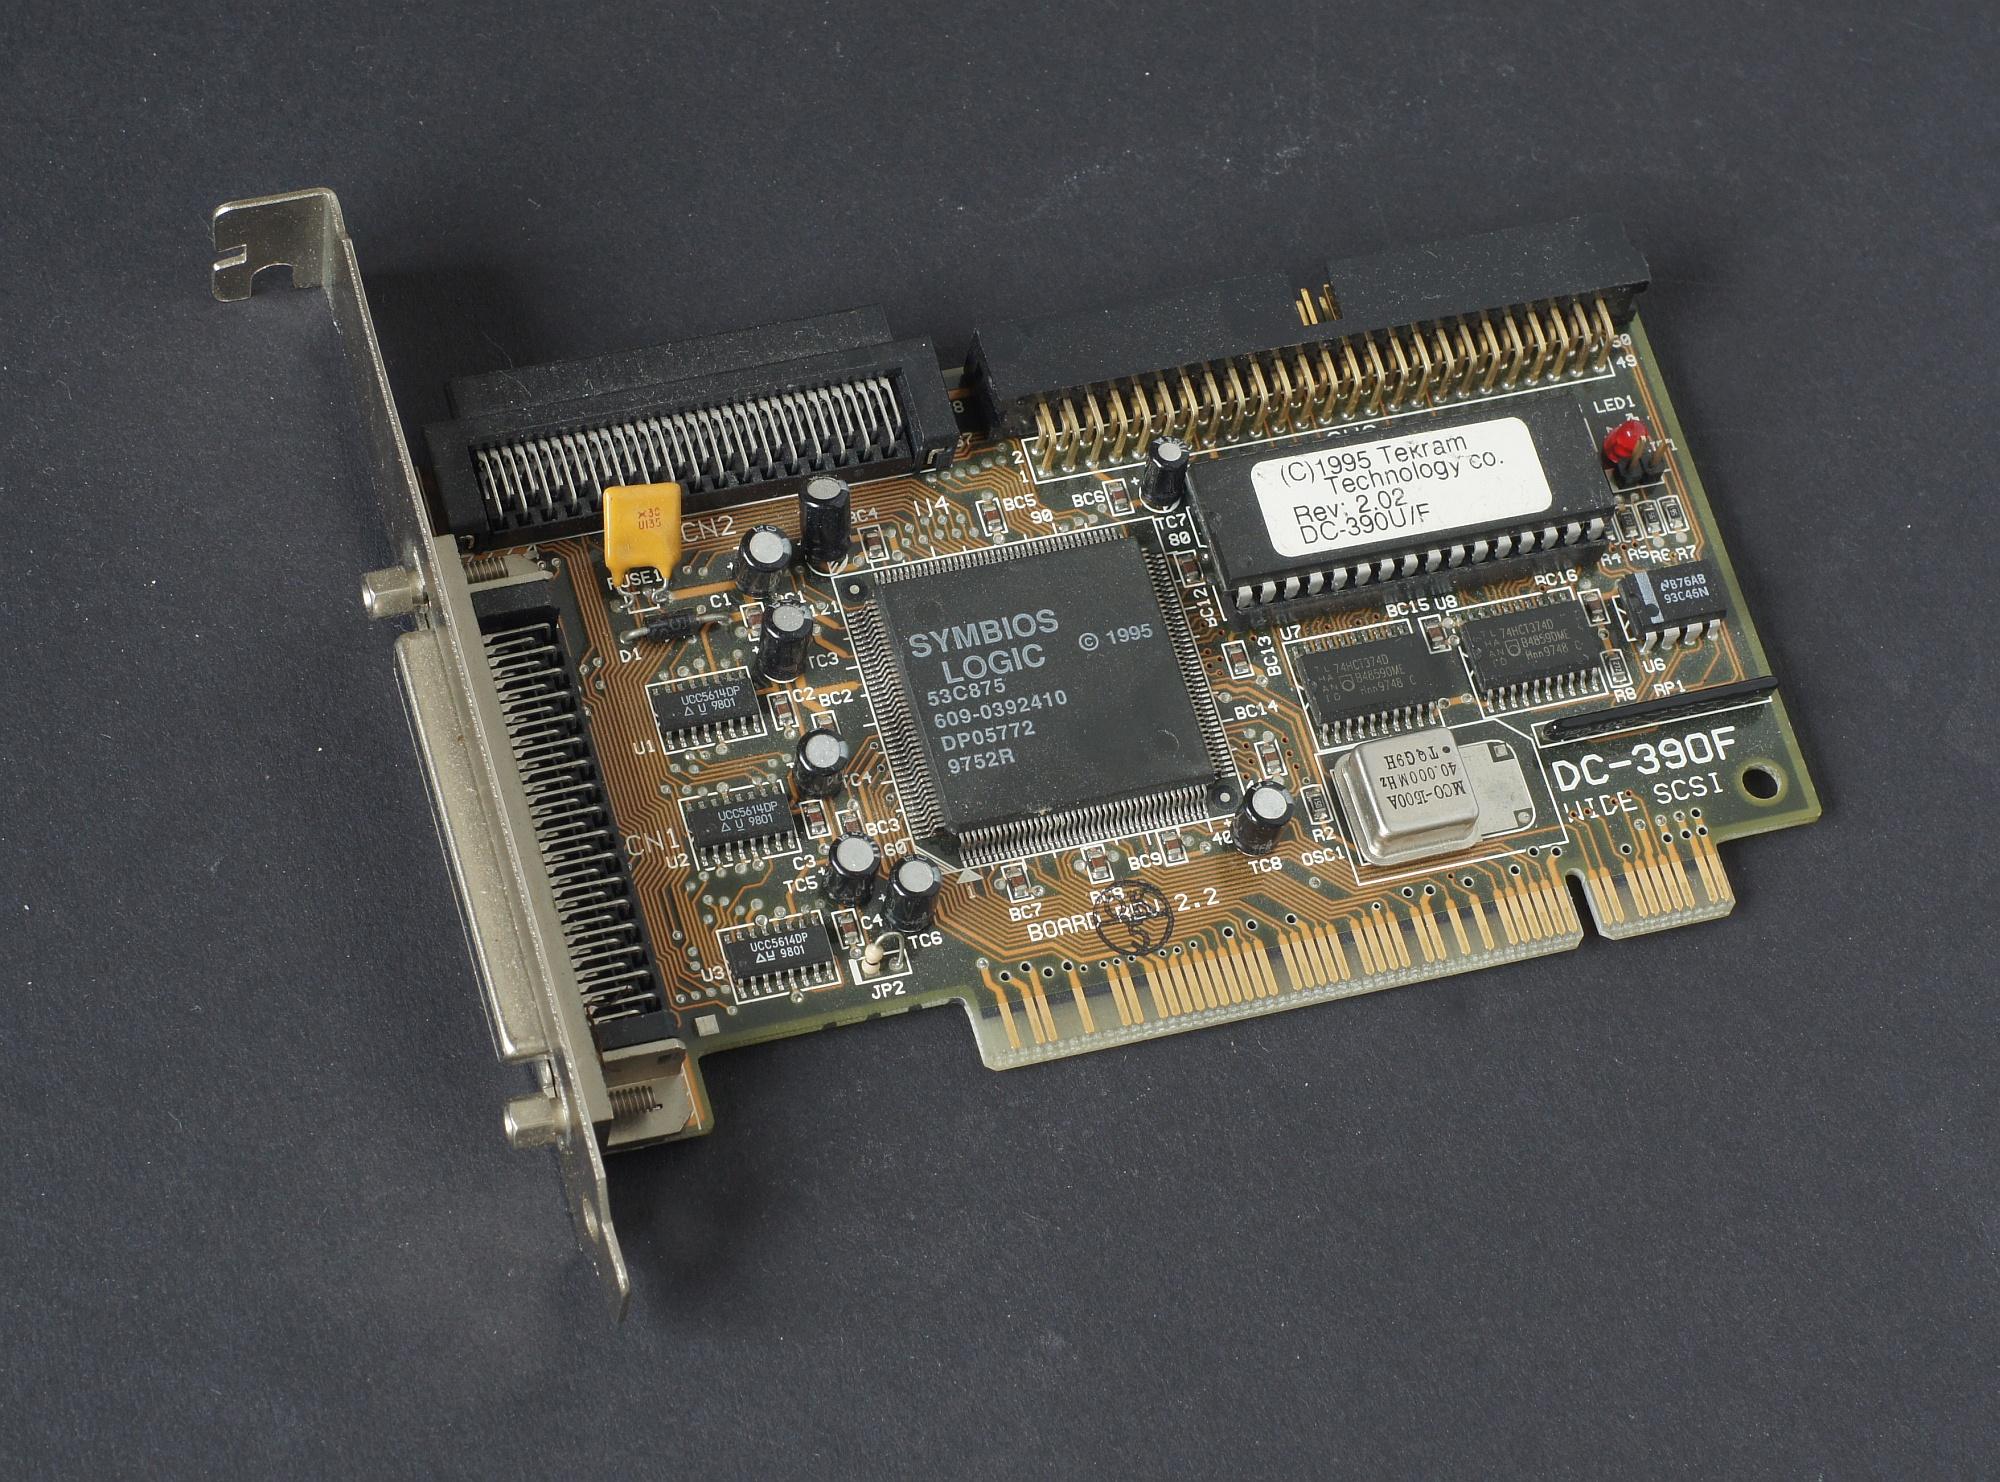 TEKRAM SCSI DRIVERS FOR MAC DOWNLOAD